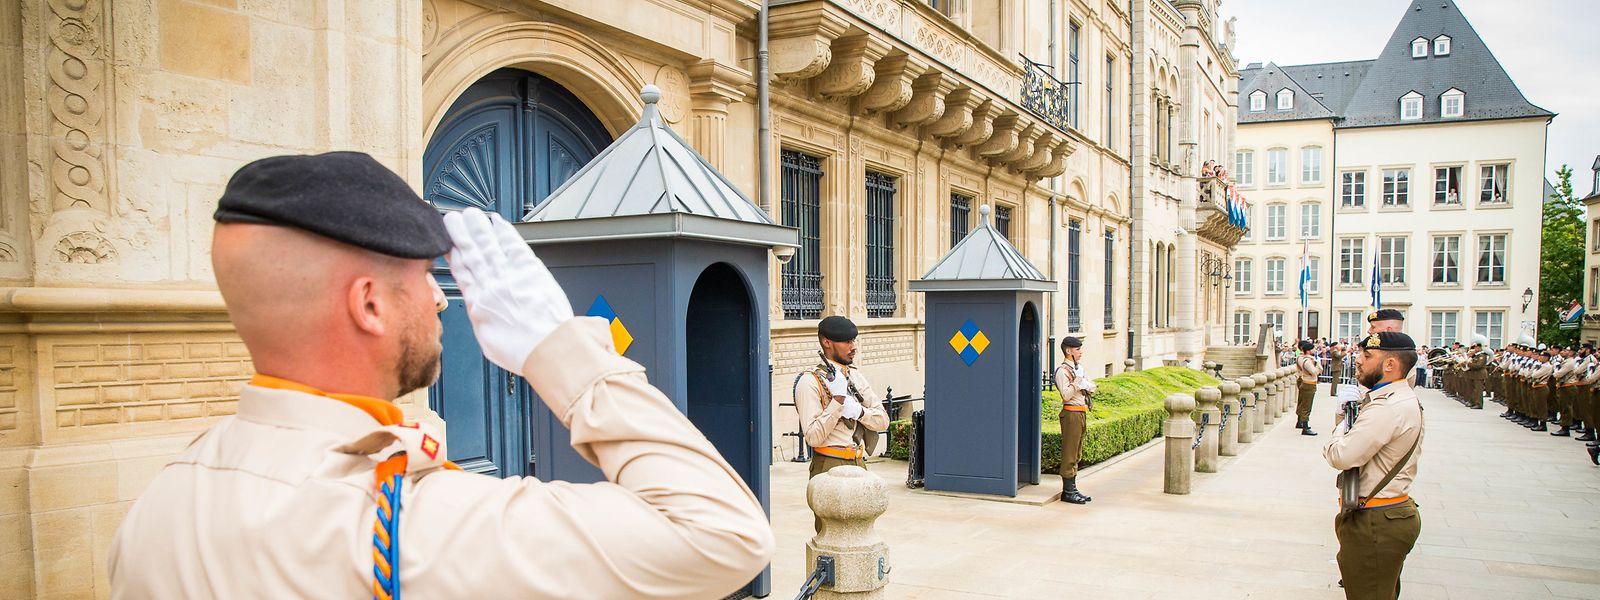 Im großherzoglichen Palais wurden am Mittwoch sechs neue Botschafter empfangen.